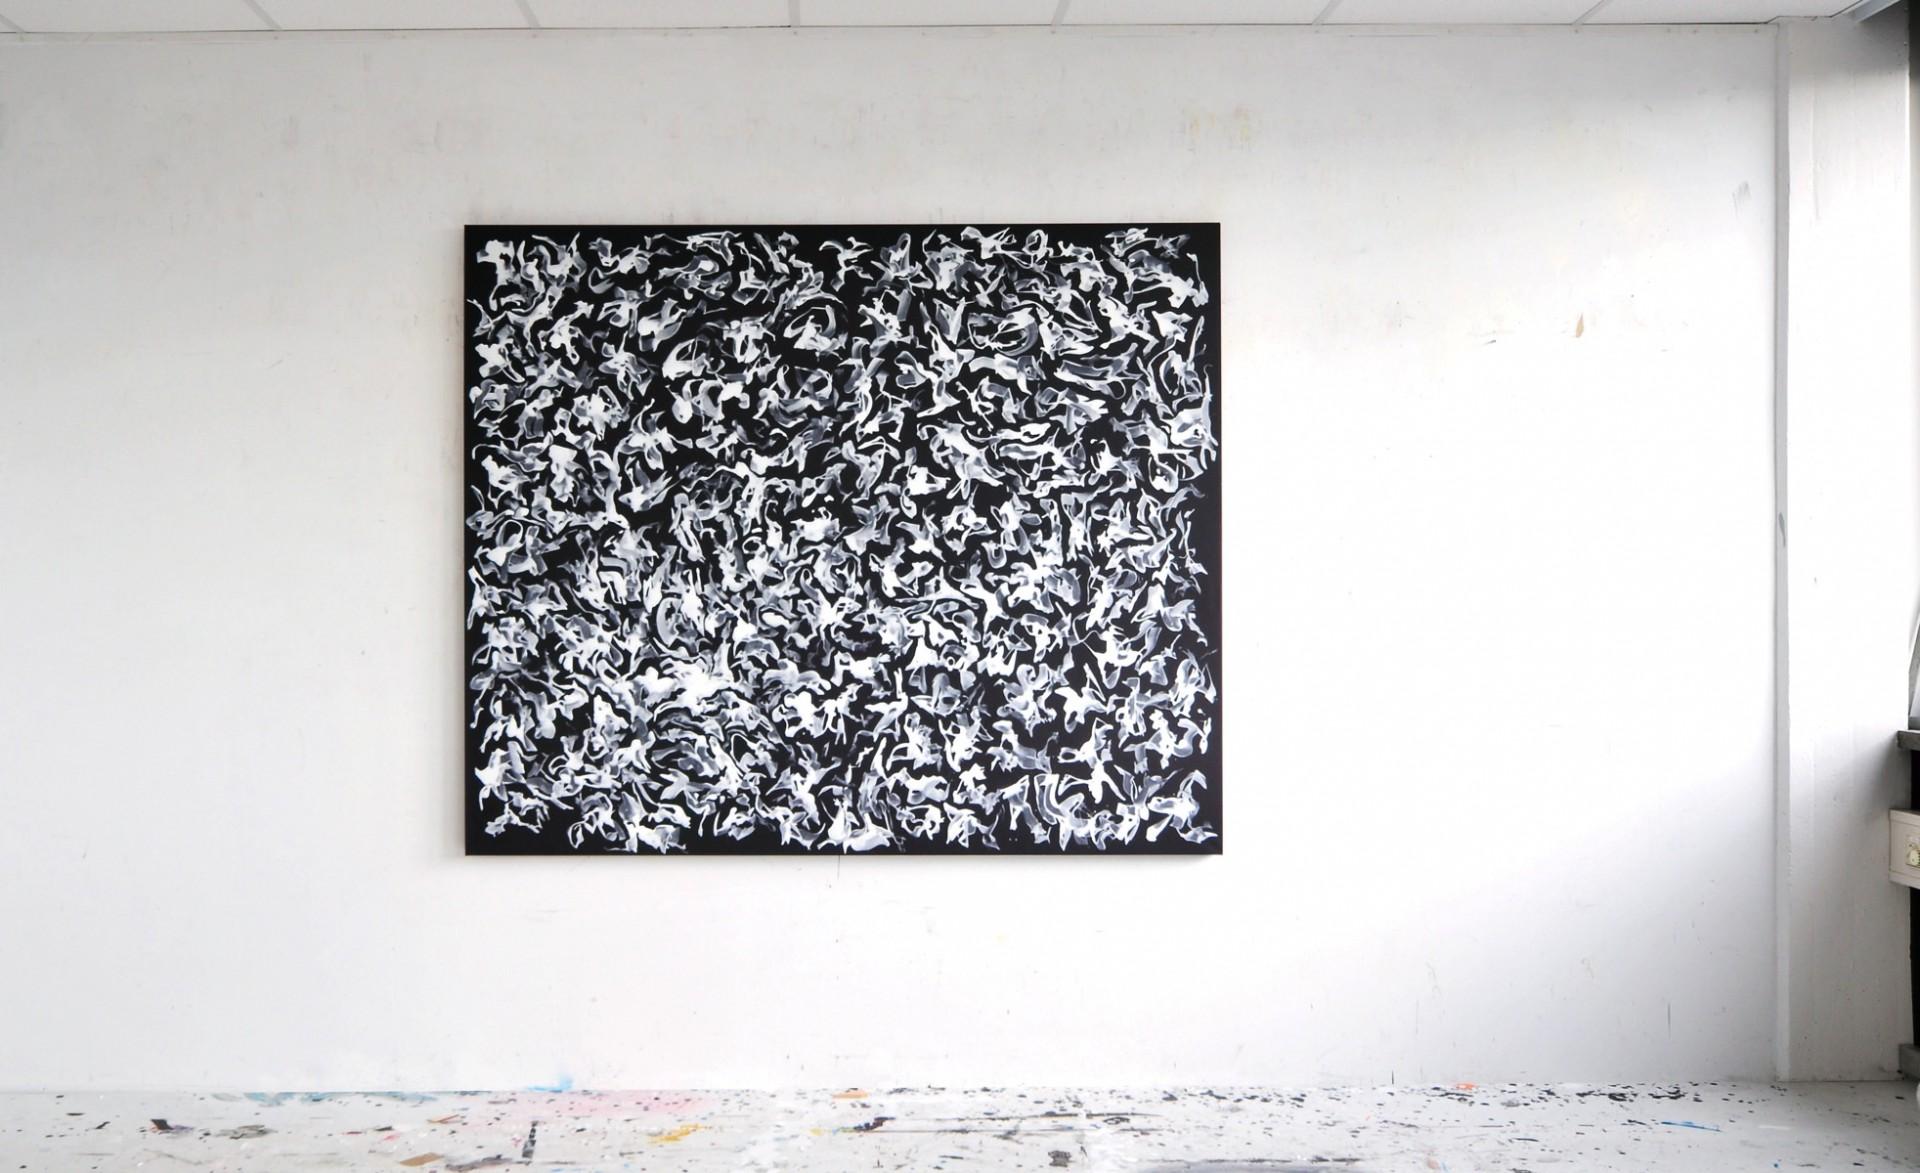 Werk-Nr. 2089, Acryl auf Leinwand, 150 x 180 cm, 2011